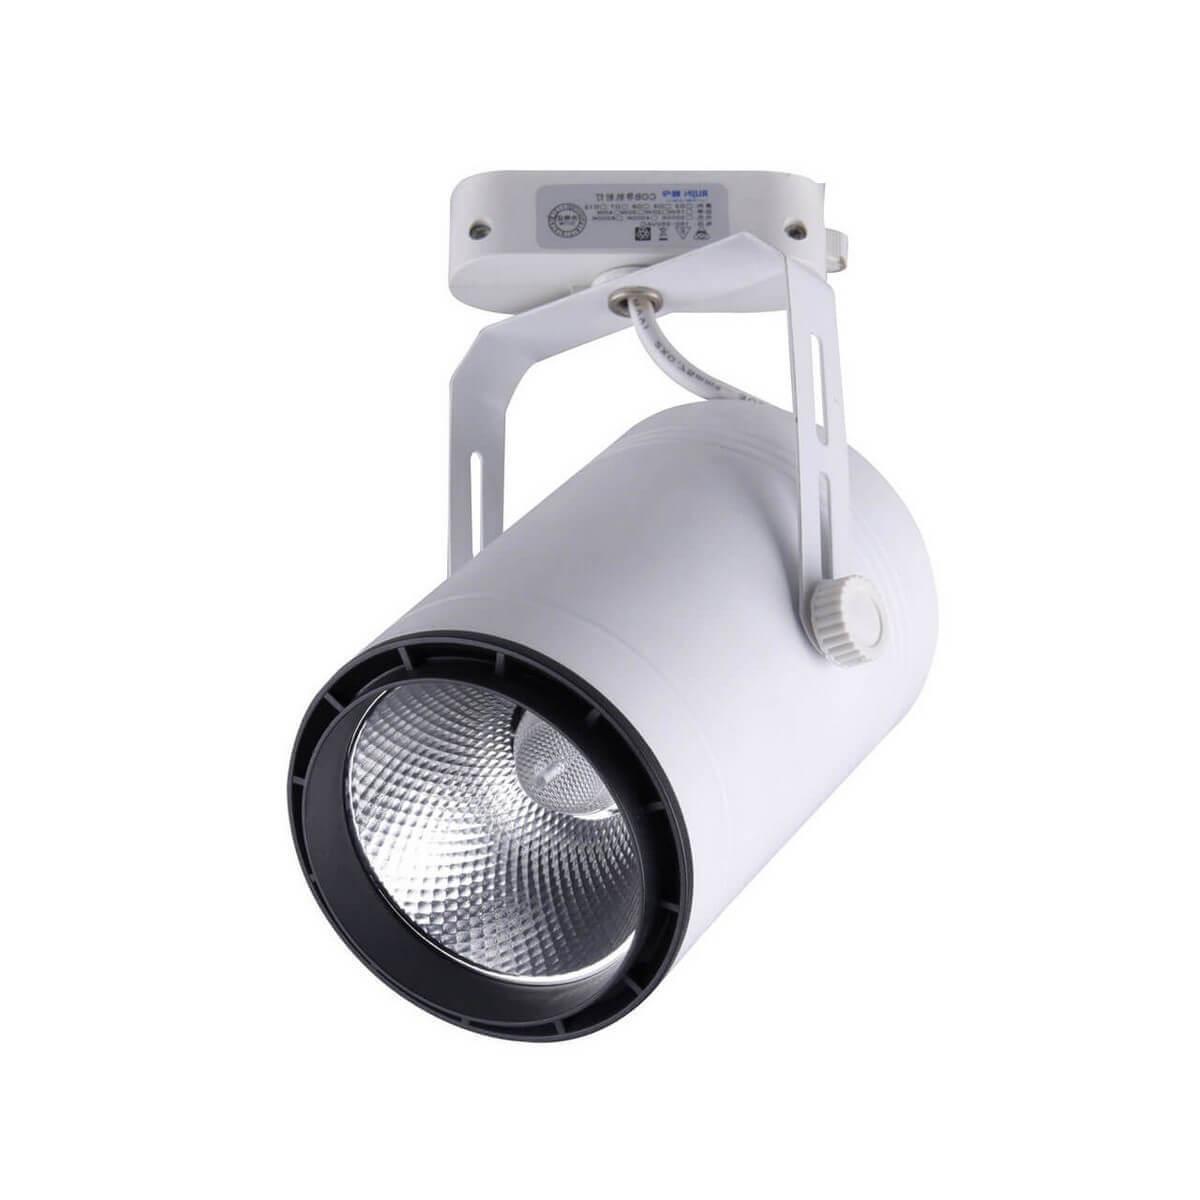 Трековый светодиодный светильник Kink Light Треки 6483-3,01 трековый светодиодный светильник kink light треки 6483 1 01